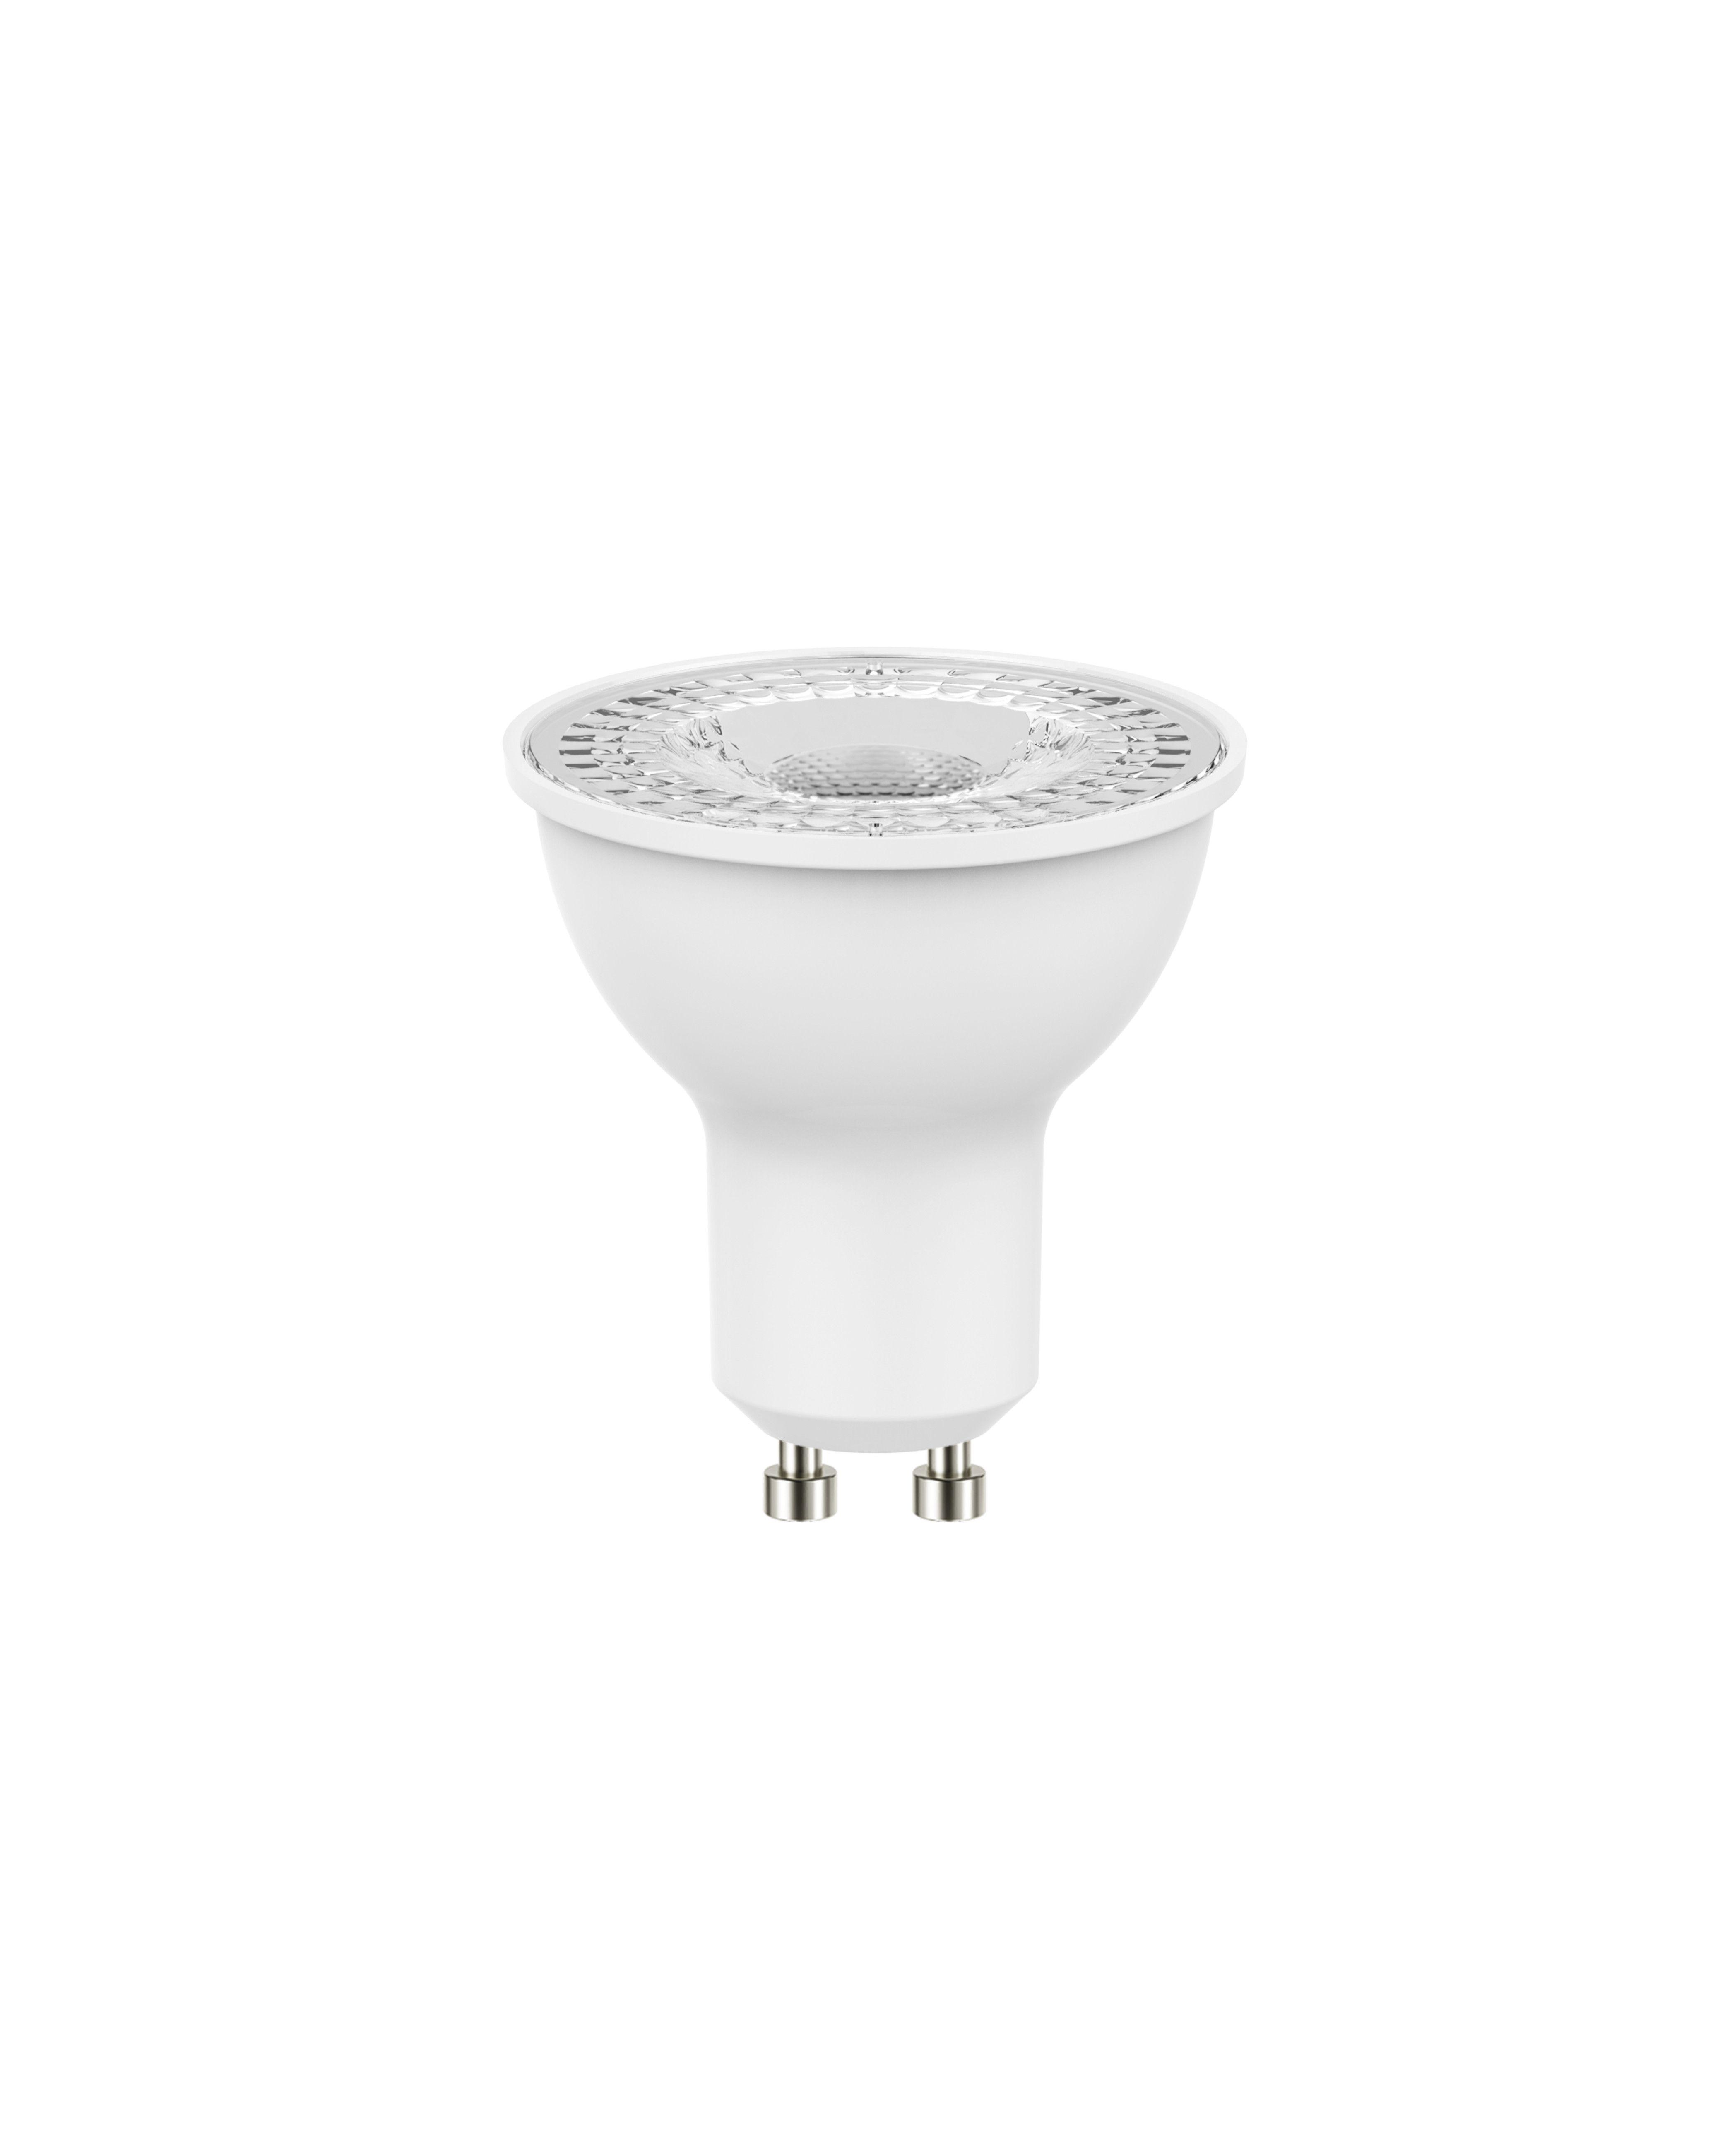 Купить Лампа светодиодная Osram LS PAR165036 4, 8W/850230VGU1010X1RUOSRAM 4.8Вт дневной, Osram Ledvance